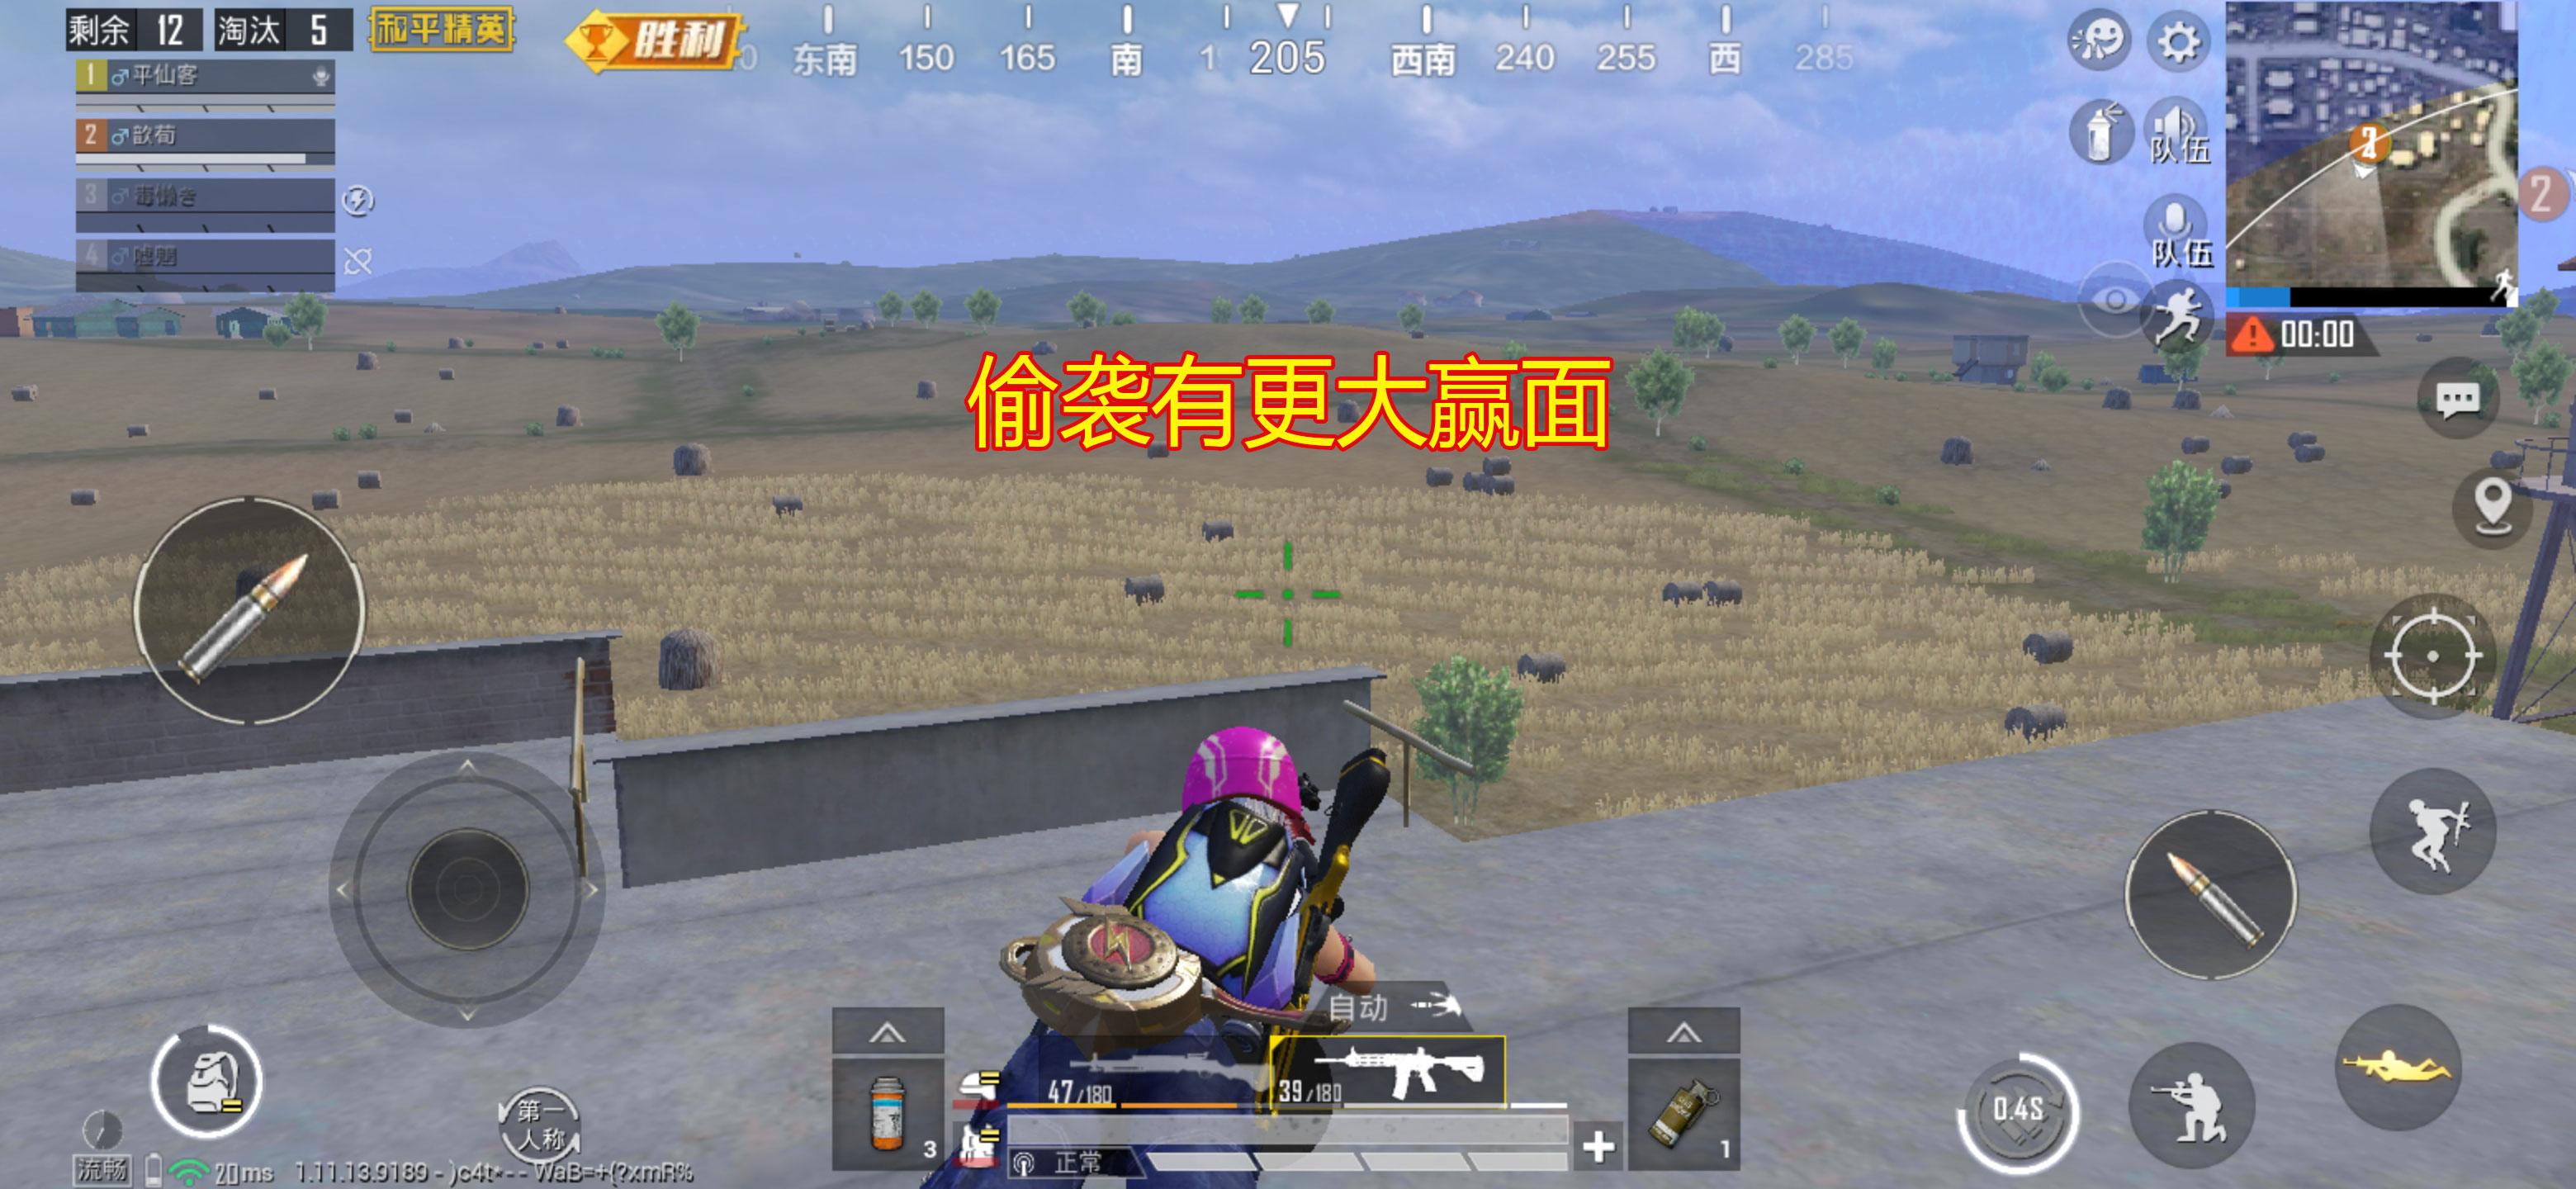 """《【合盈国际注册平台】""""吃鸡""""这把枪太适合偷袭,无奈子弹下坠明显,鲜少有玩家使用》"""